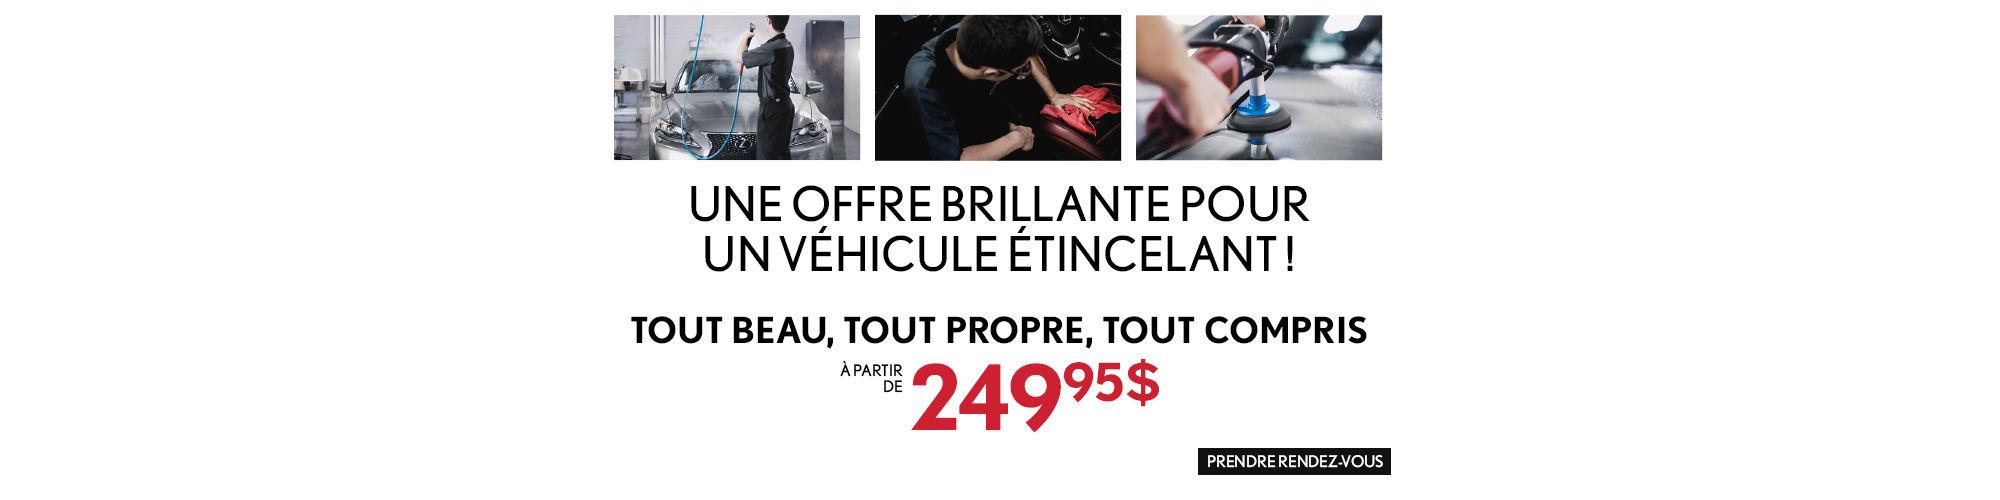 Esthétique - Offre Brillante - Lexus